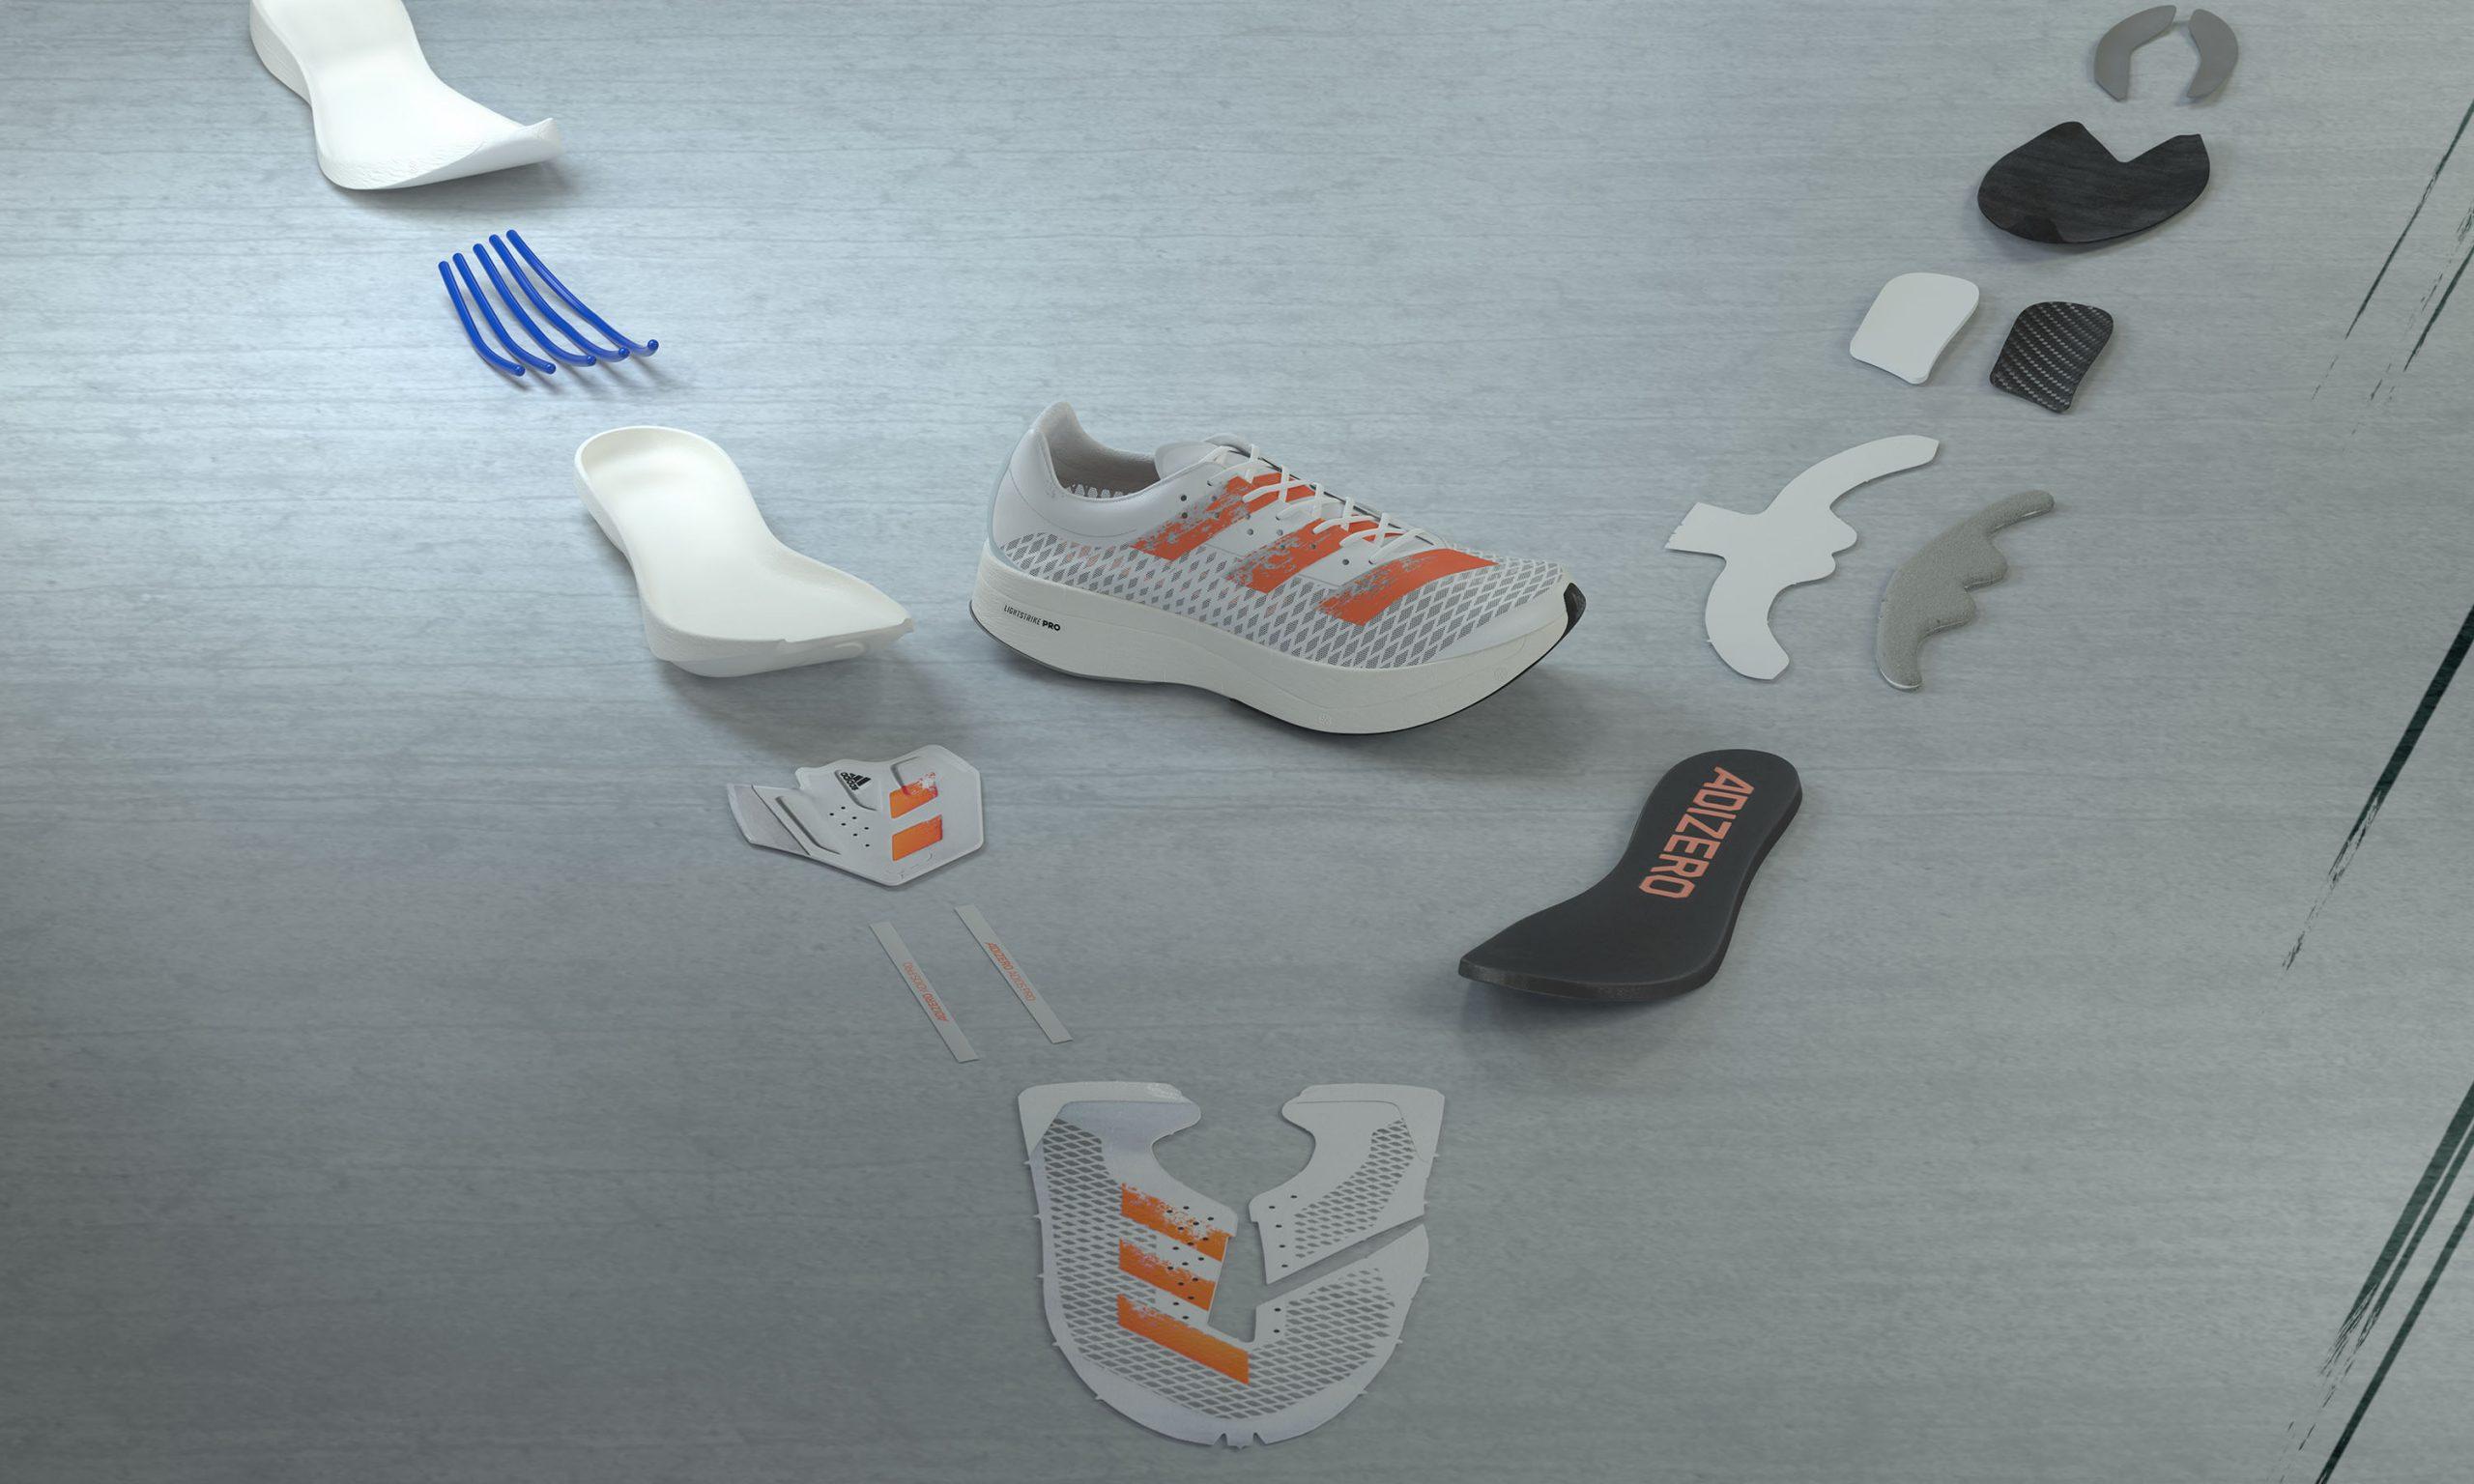 为纪录而生,adidas 推出革命性长距离跑鞋 adizero adios Pro